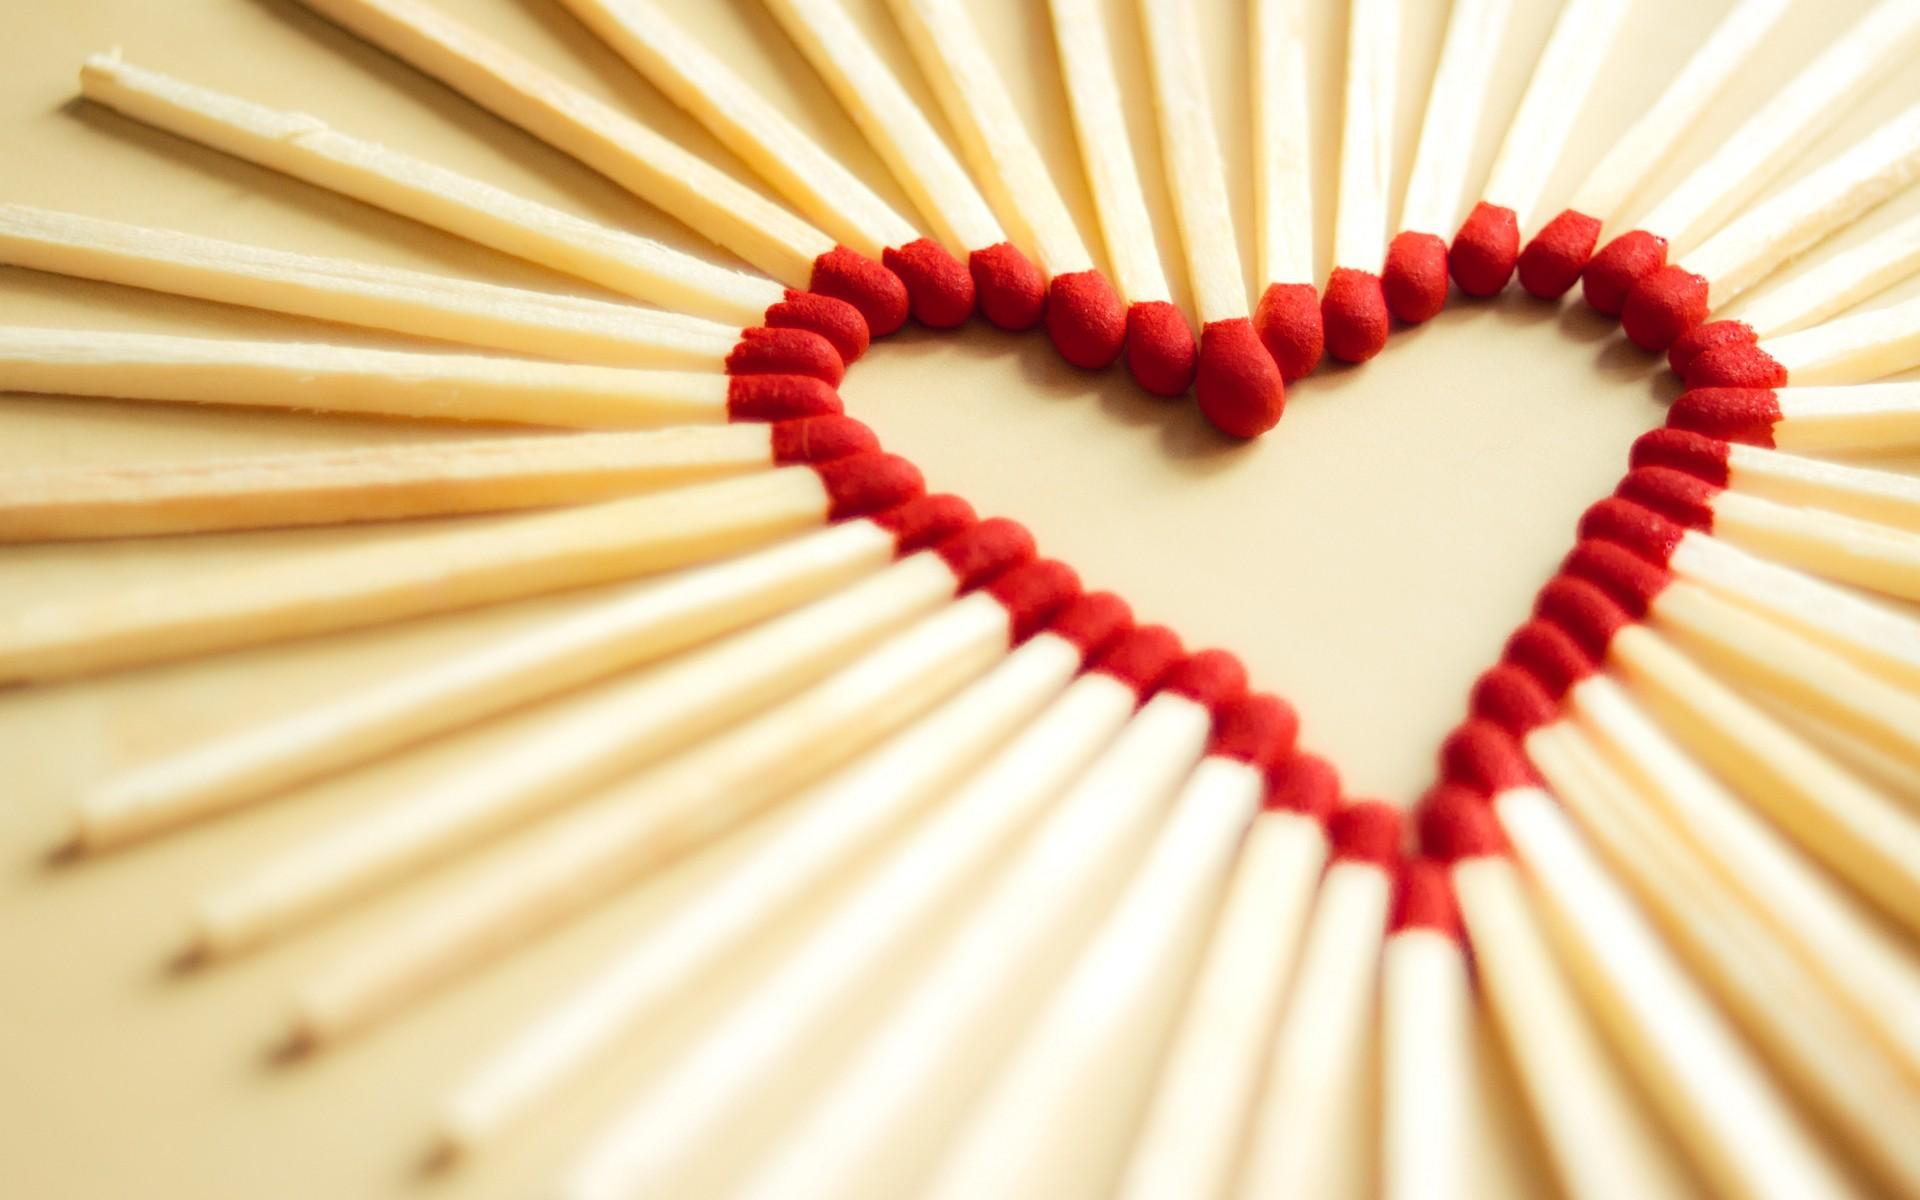 Un corazón con fósforos - 1920x1200